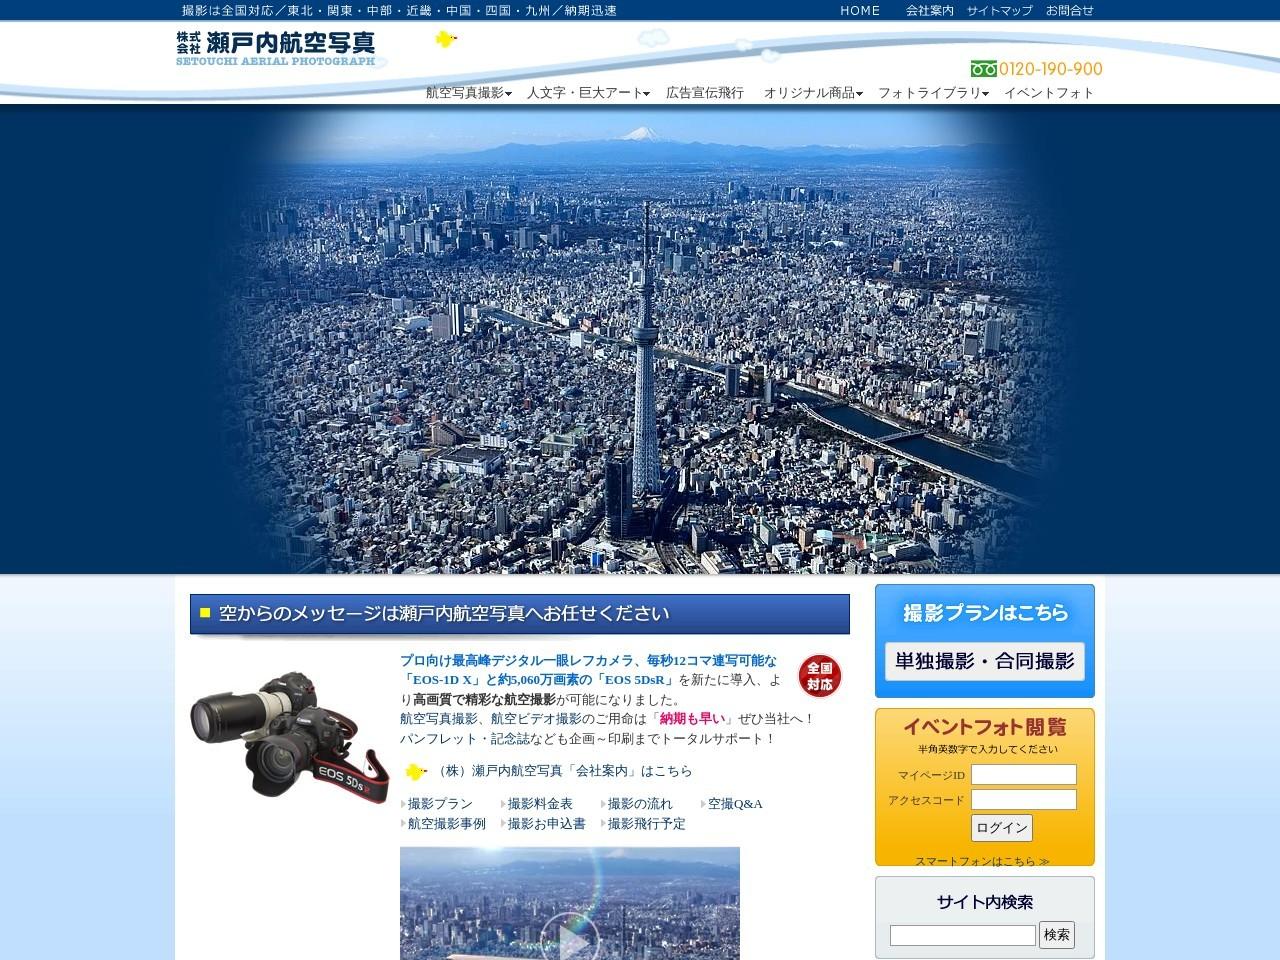 株式会社瀬戸内航空写真/受付専用